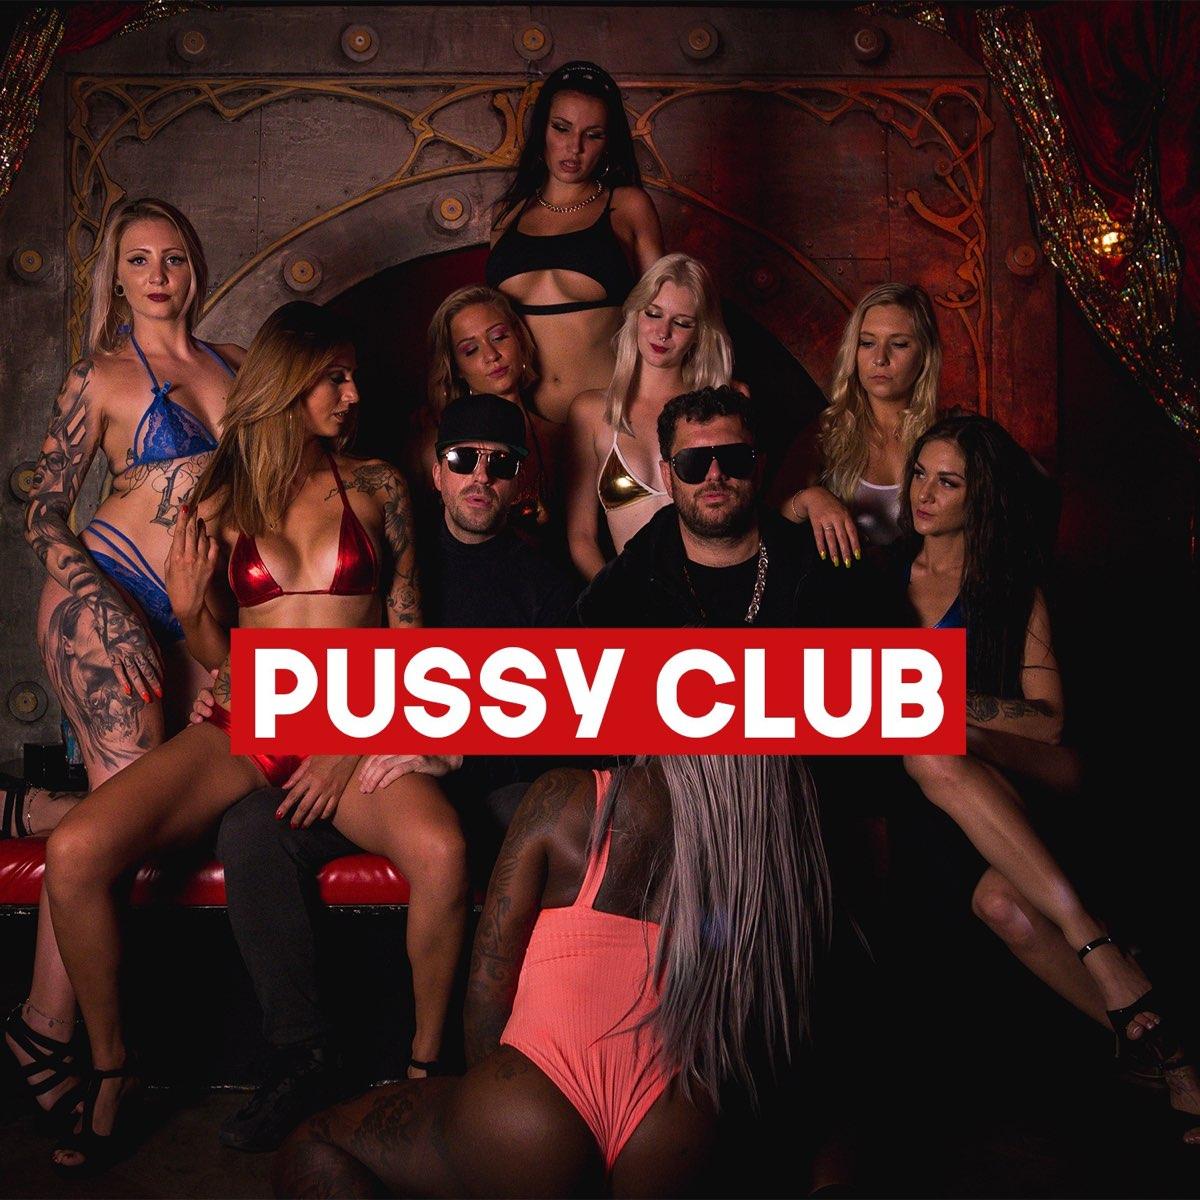 Pussyclub Club